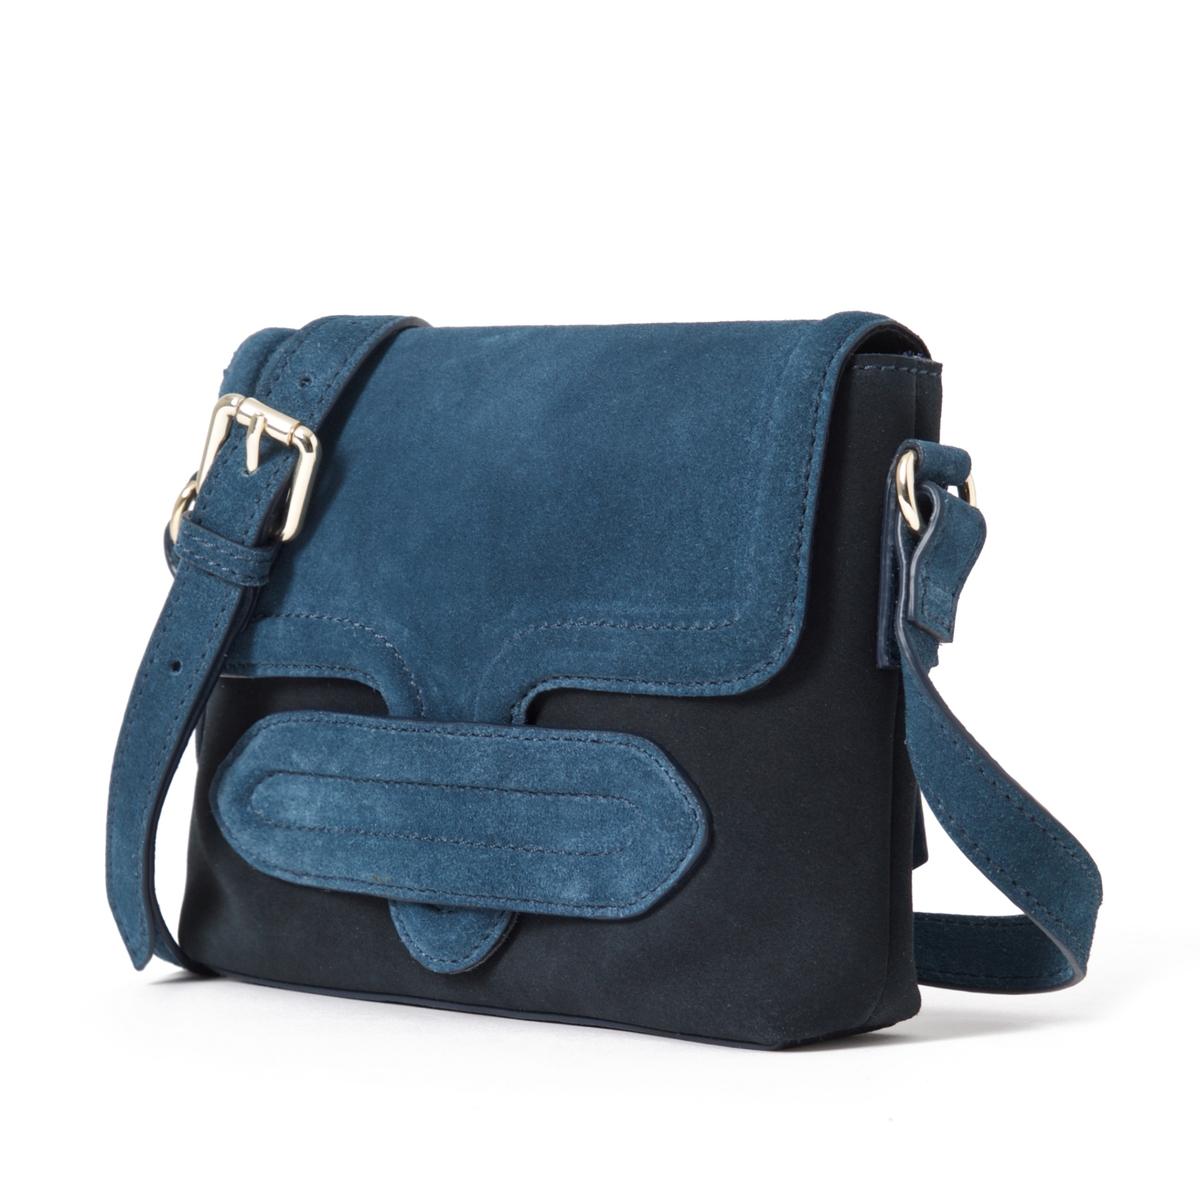 Клатч из невыделанной кожи, двухцветныйОписание:Очаровательная сумка-клатч из мягкой невыделанной кожи, стильный и оригинальный дизайн.Состав и описание : Материал : верх из невыделанной яловичной кожи             подкладка из текстиляРазмеры : L22XH17XP4 см Застежка : кнопка на магните 1 карман на молнииНесъемный регулируемый ремешок<br><br>Цвет: темно-синий/ синий,черный/ хаки<br>Размер: единый размер.единый размер